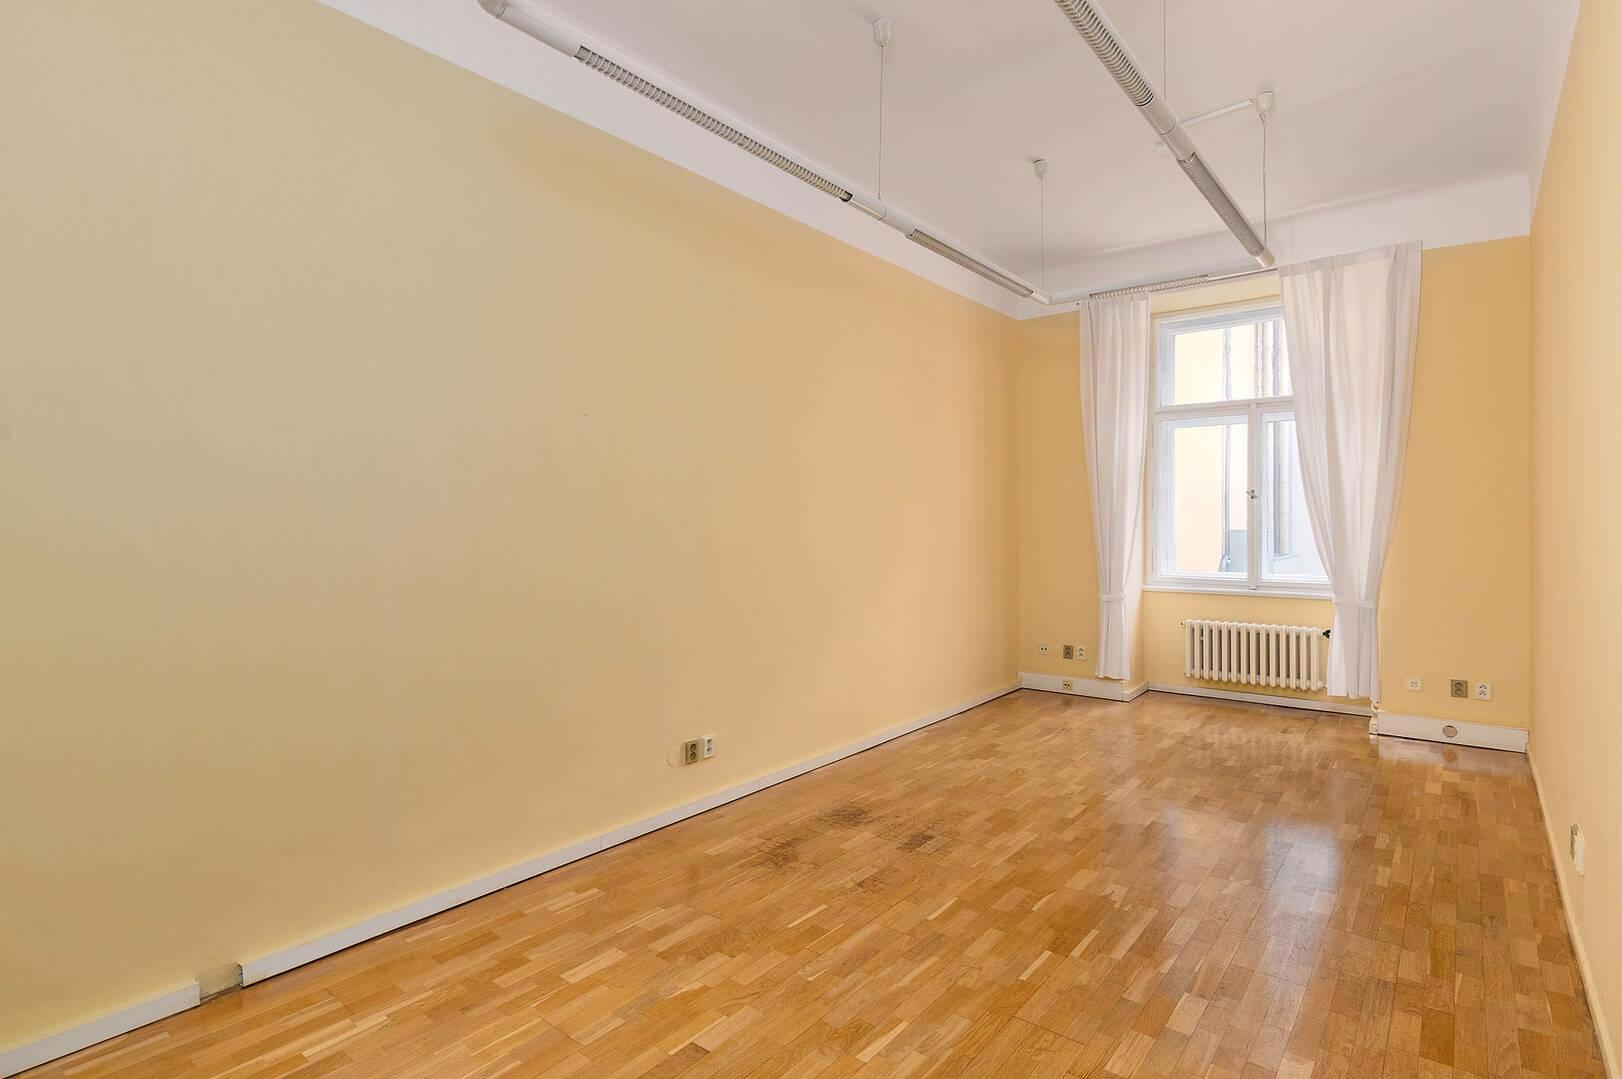 Nájem kanceláří 72,6 m2, Malá Štěpánská, Praha 2 Nové Město - foto 1